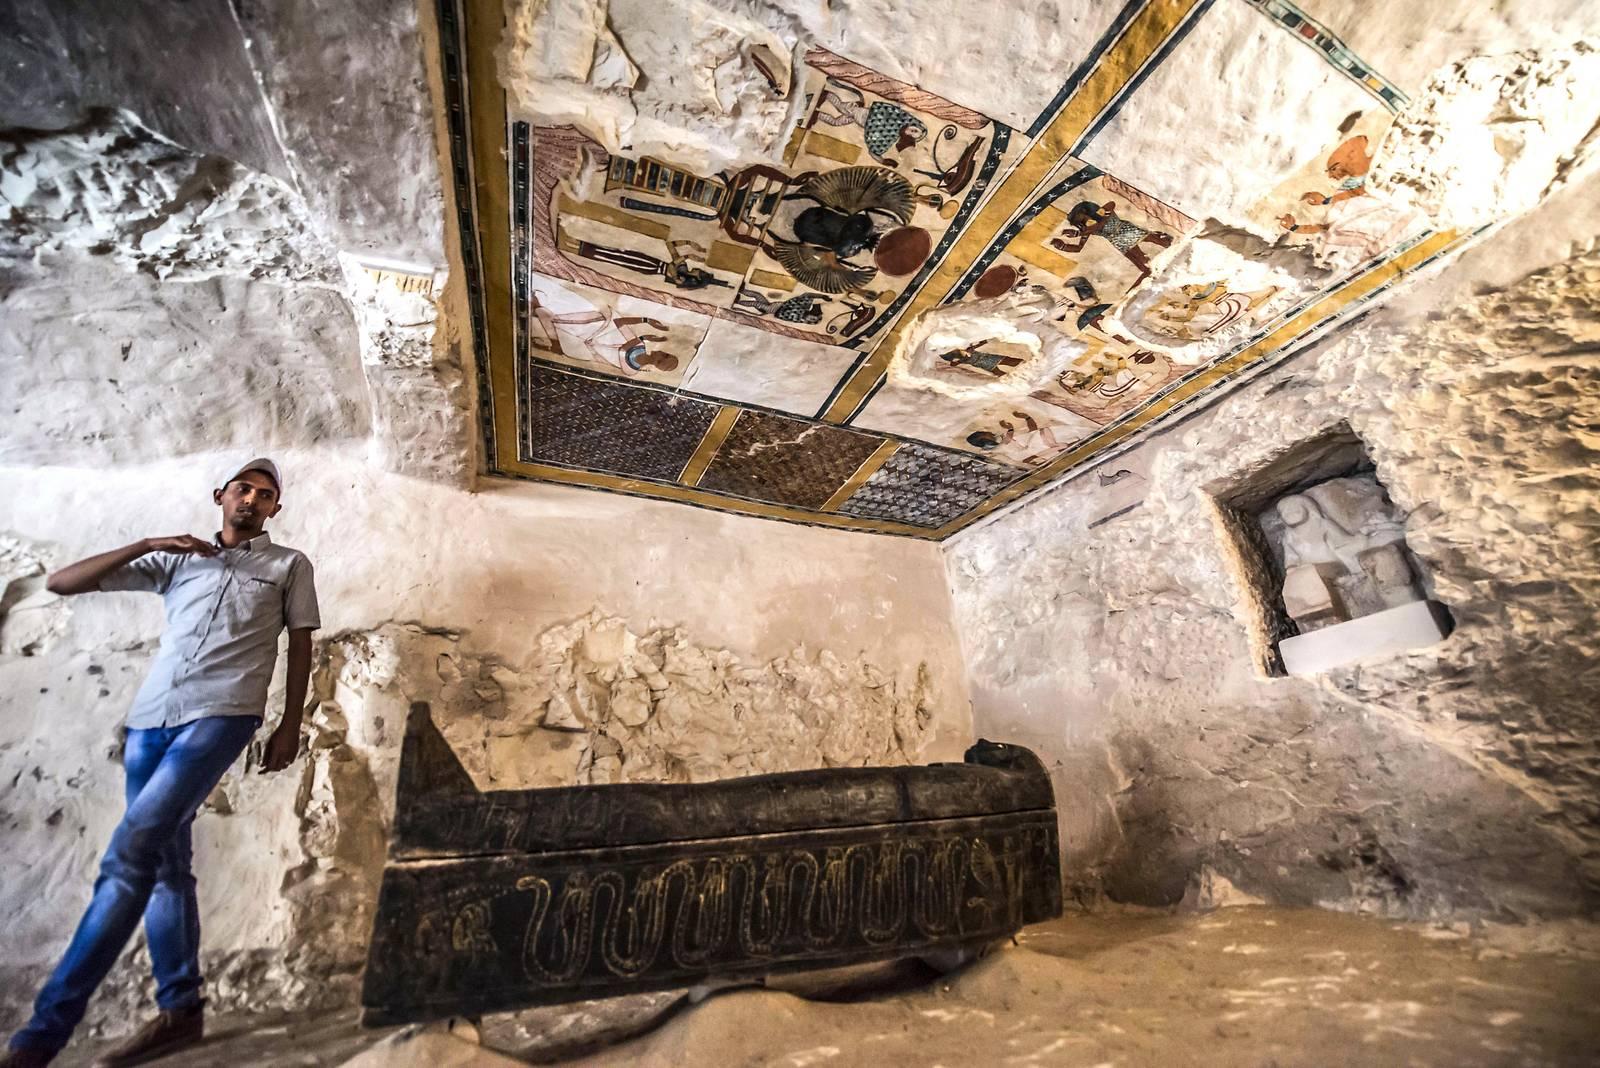 Ägypten enthüllt antikes Grab und Sarkophag in Luxor